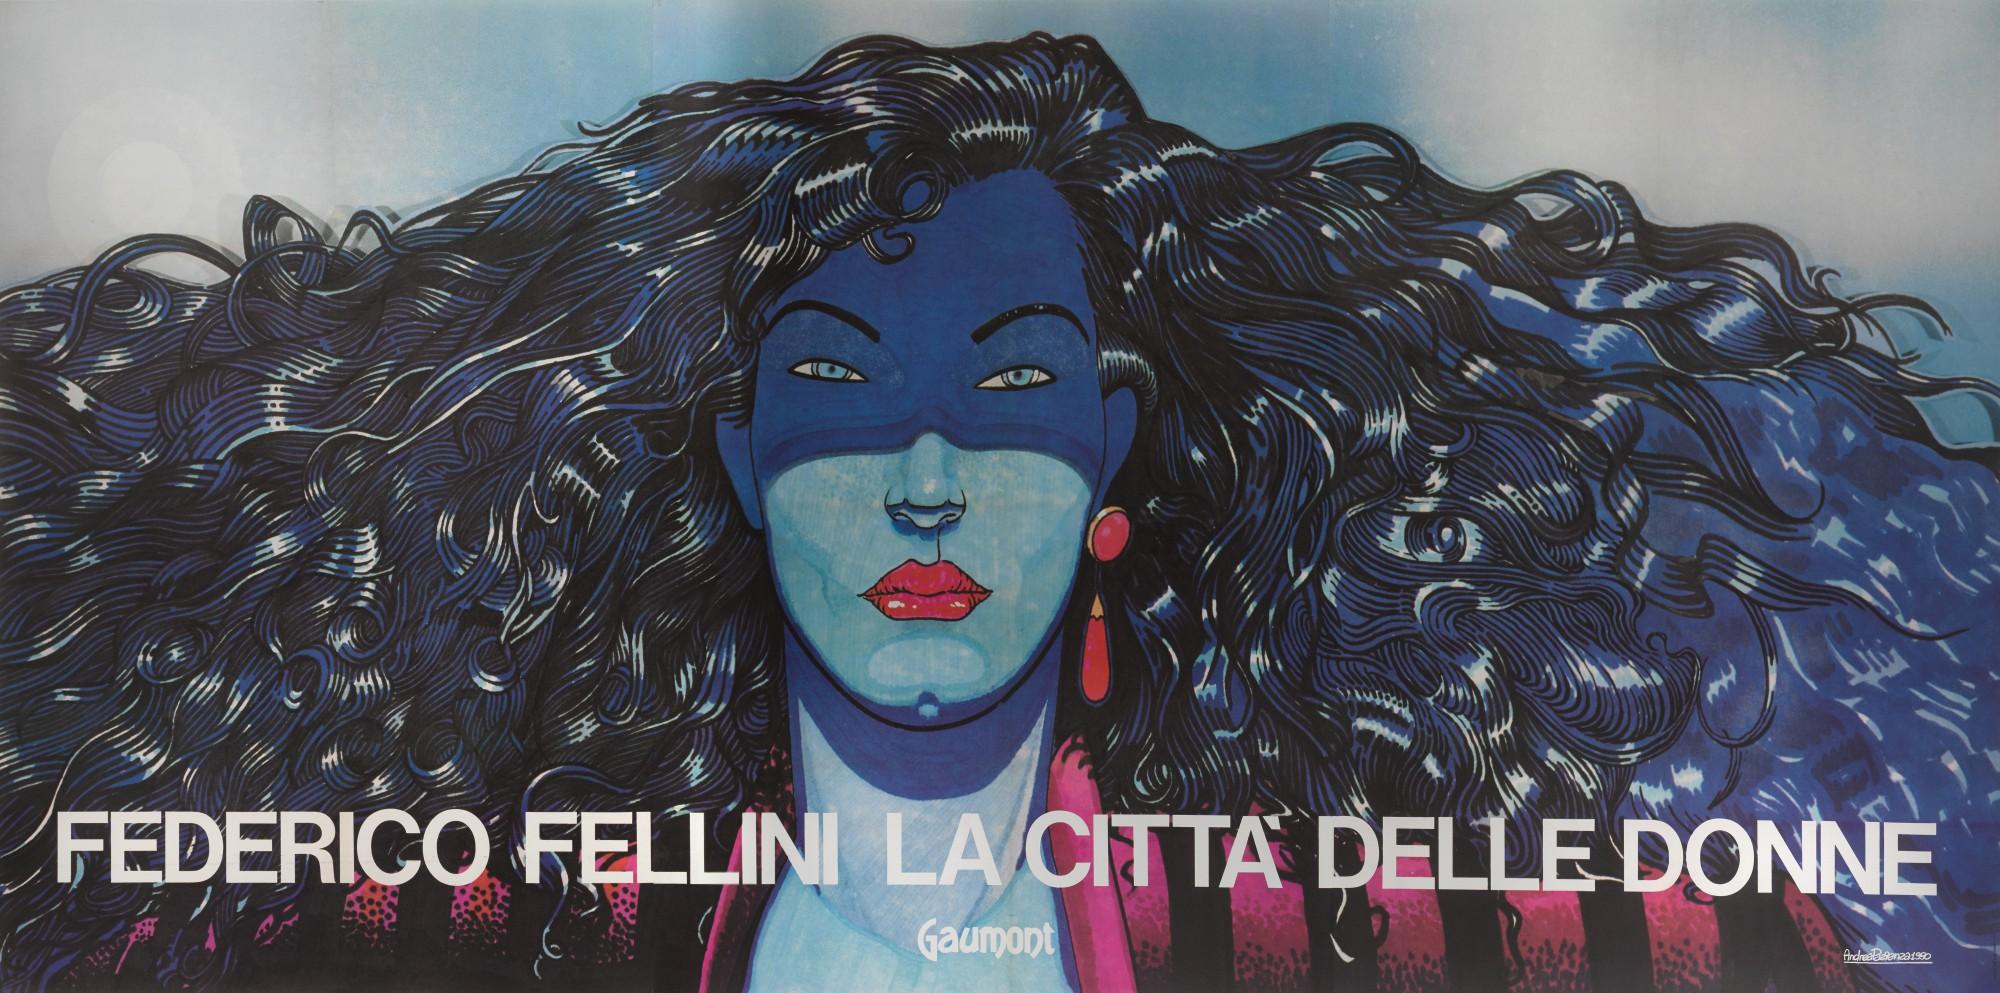 LA CITTA DELLE DONNE / CITY OF WOMEN (1980) POSTER, ITALIAN